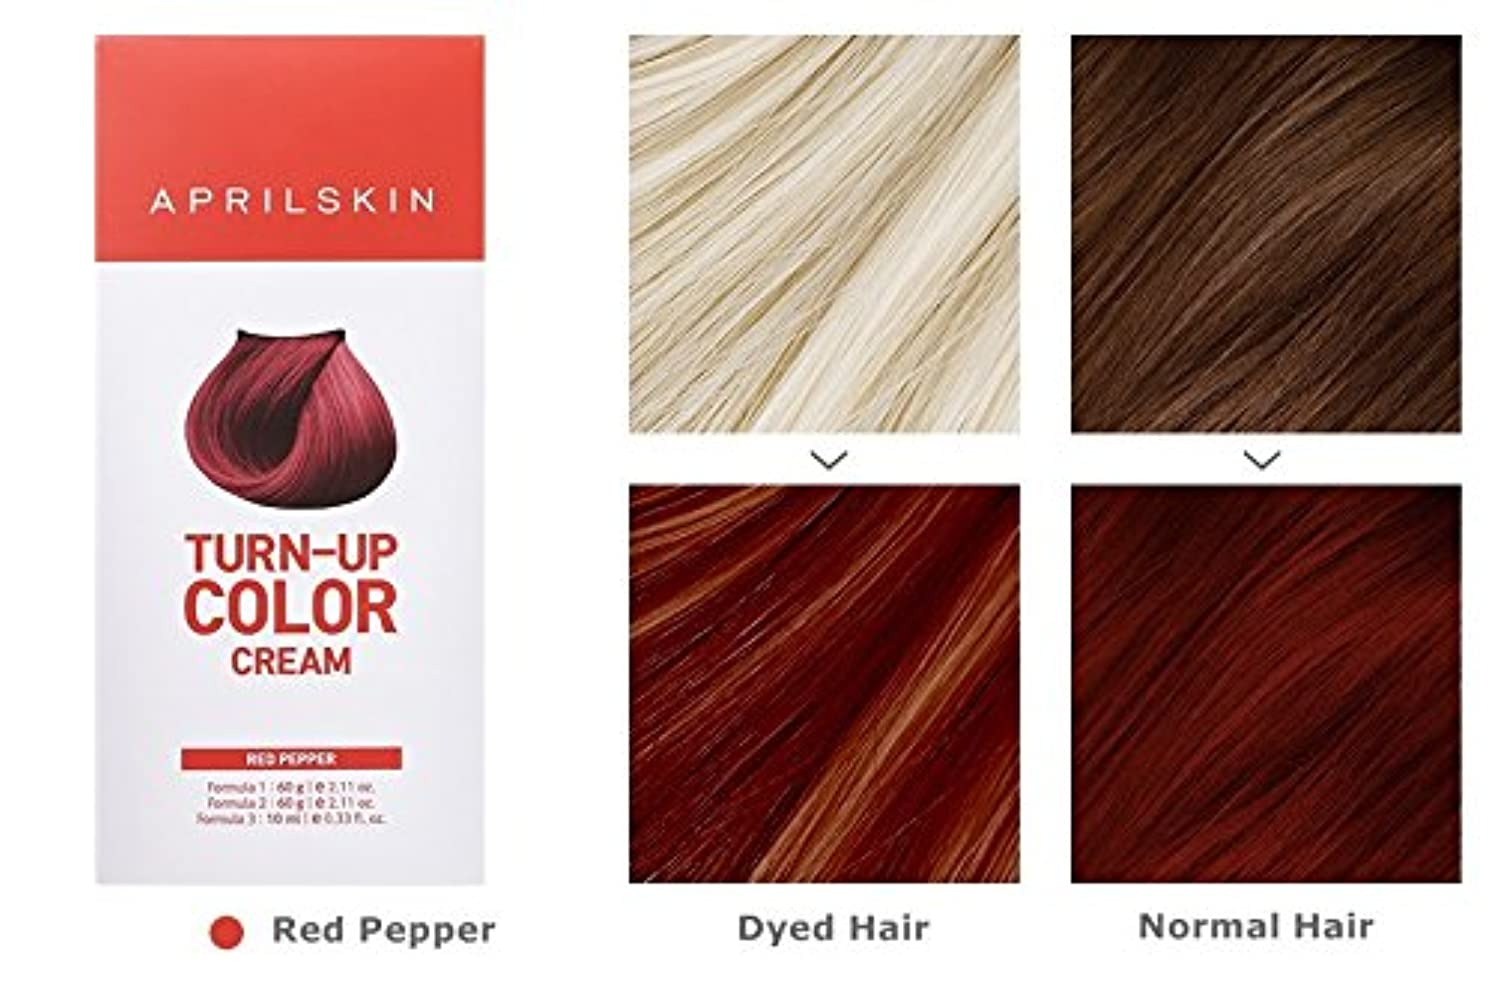 パウダーわがまま過度のApril Skin Turn Up Color Cream Long lasting Texture Type Hair Dye エイプリルスキン ターンアップカラークリーム長持ちテクスチャタイプヘアダイ (紅)